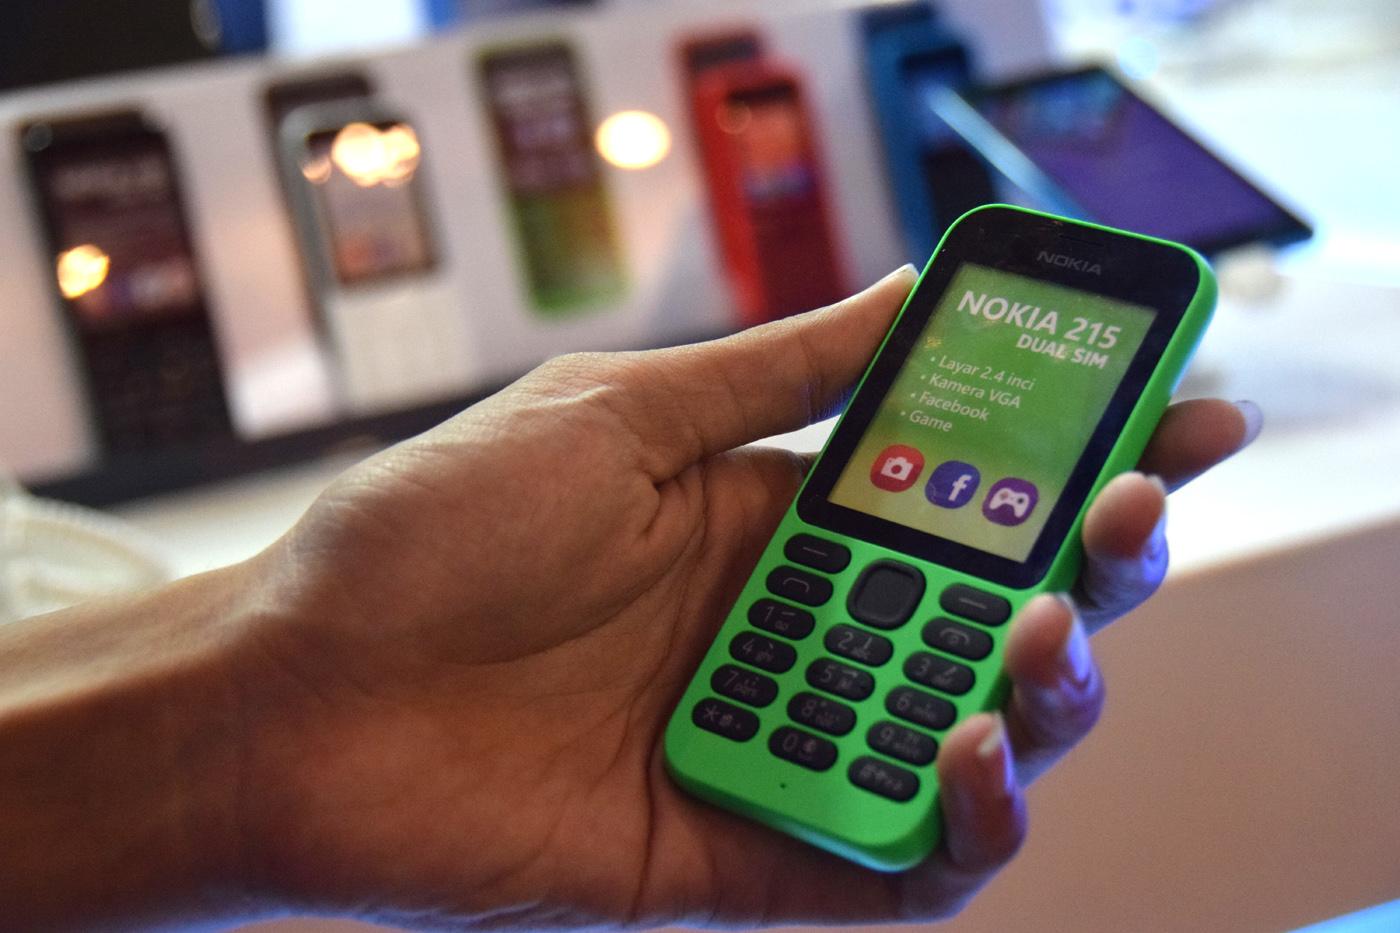 Akhir Tahun, Nokia Hadir Kembali dengan Dua Smartphone